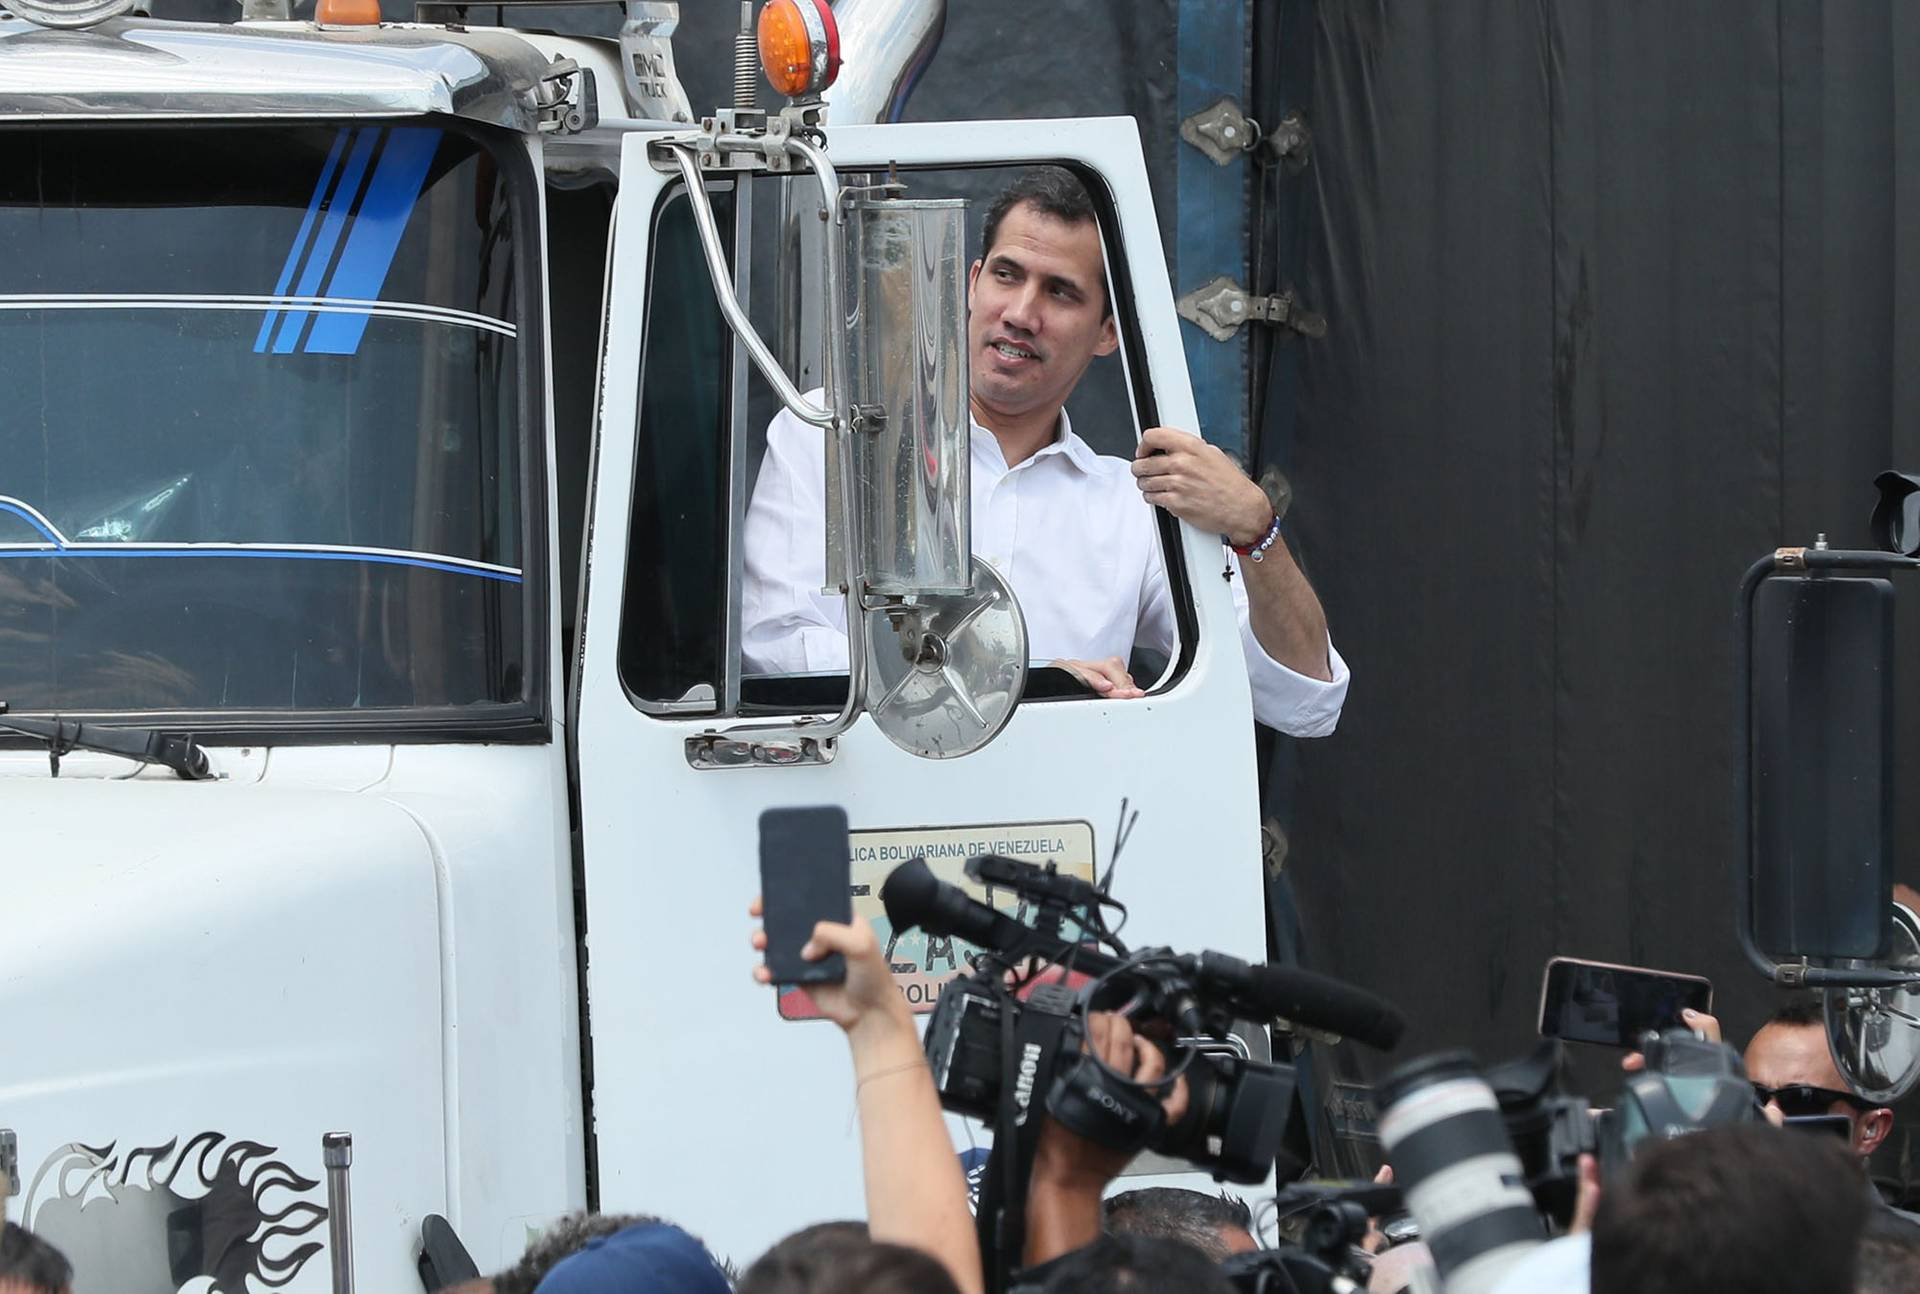 Лідер венесуельської опозиції Хуан Гуайдо (на фото) закликав венесуельські збройні сили обрати «правильну сторону» і дозволити в'їзд 14 вантажним автомобілям, що виїхали з колумбійської Кукути з 280 тоннами гуманітарної допомоги, Колумбія, 23 лютого 2019 року